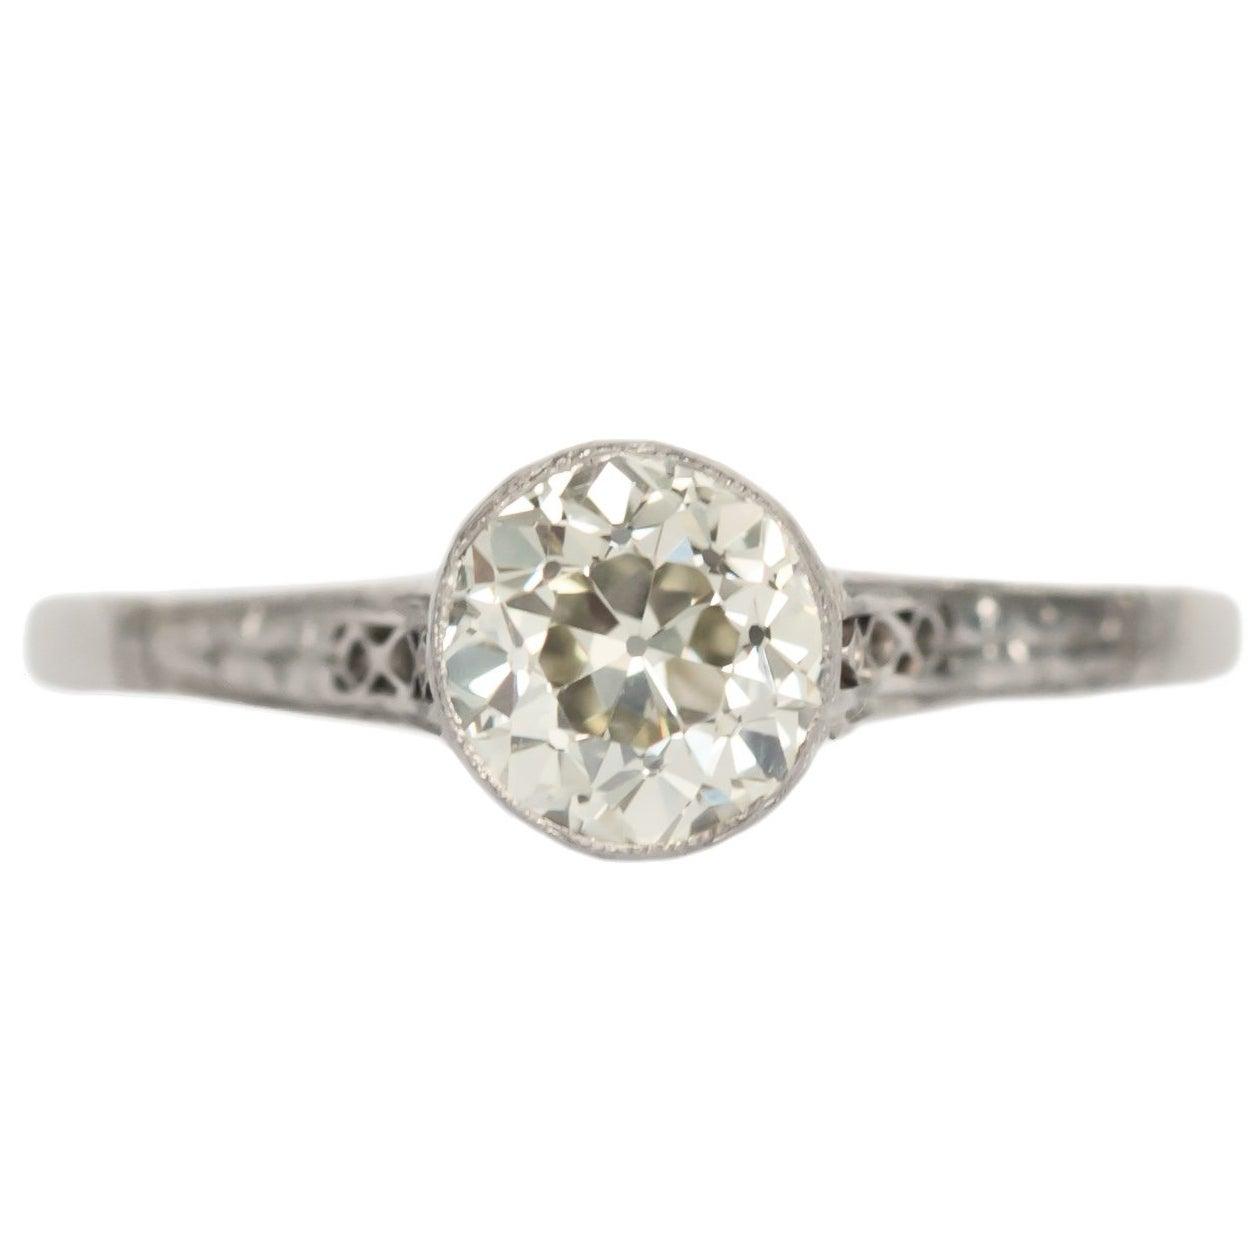 1.01 Carat Diamond Platinum Engagement Ring